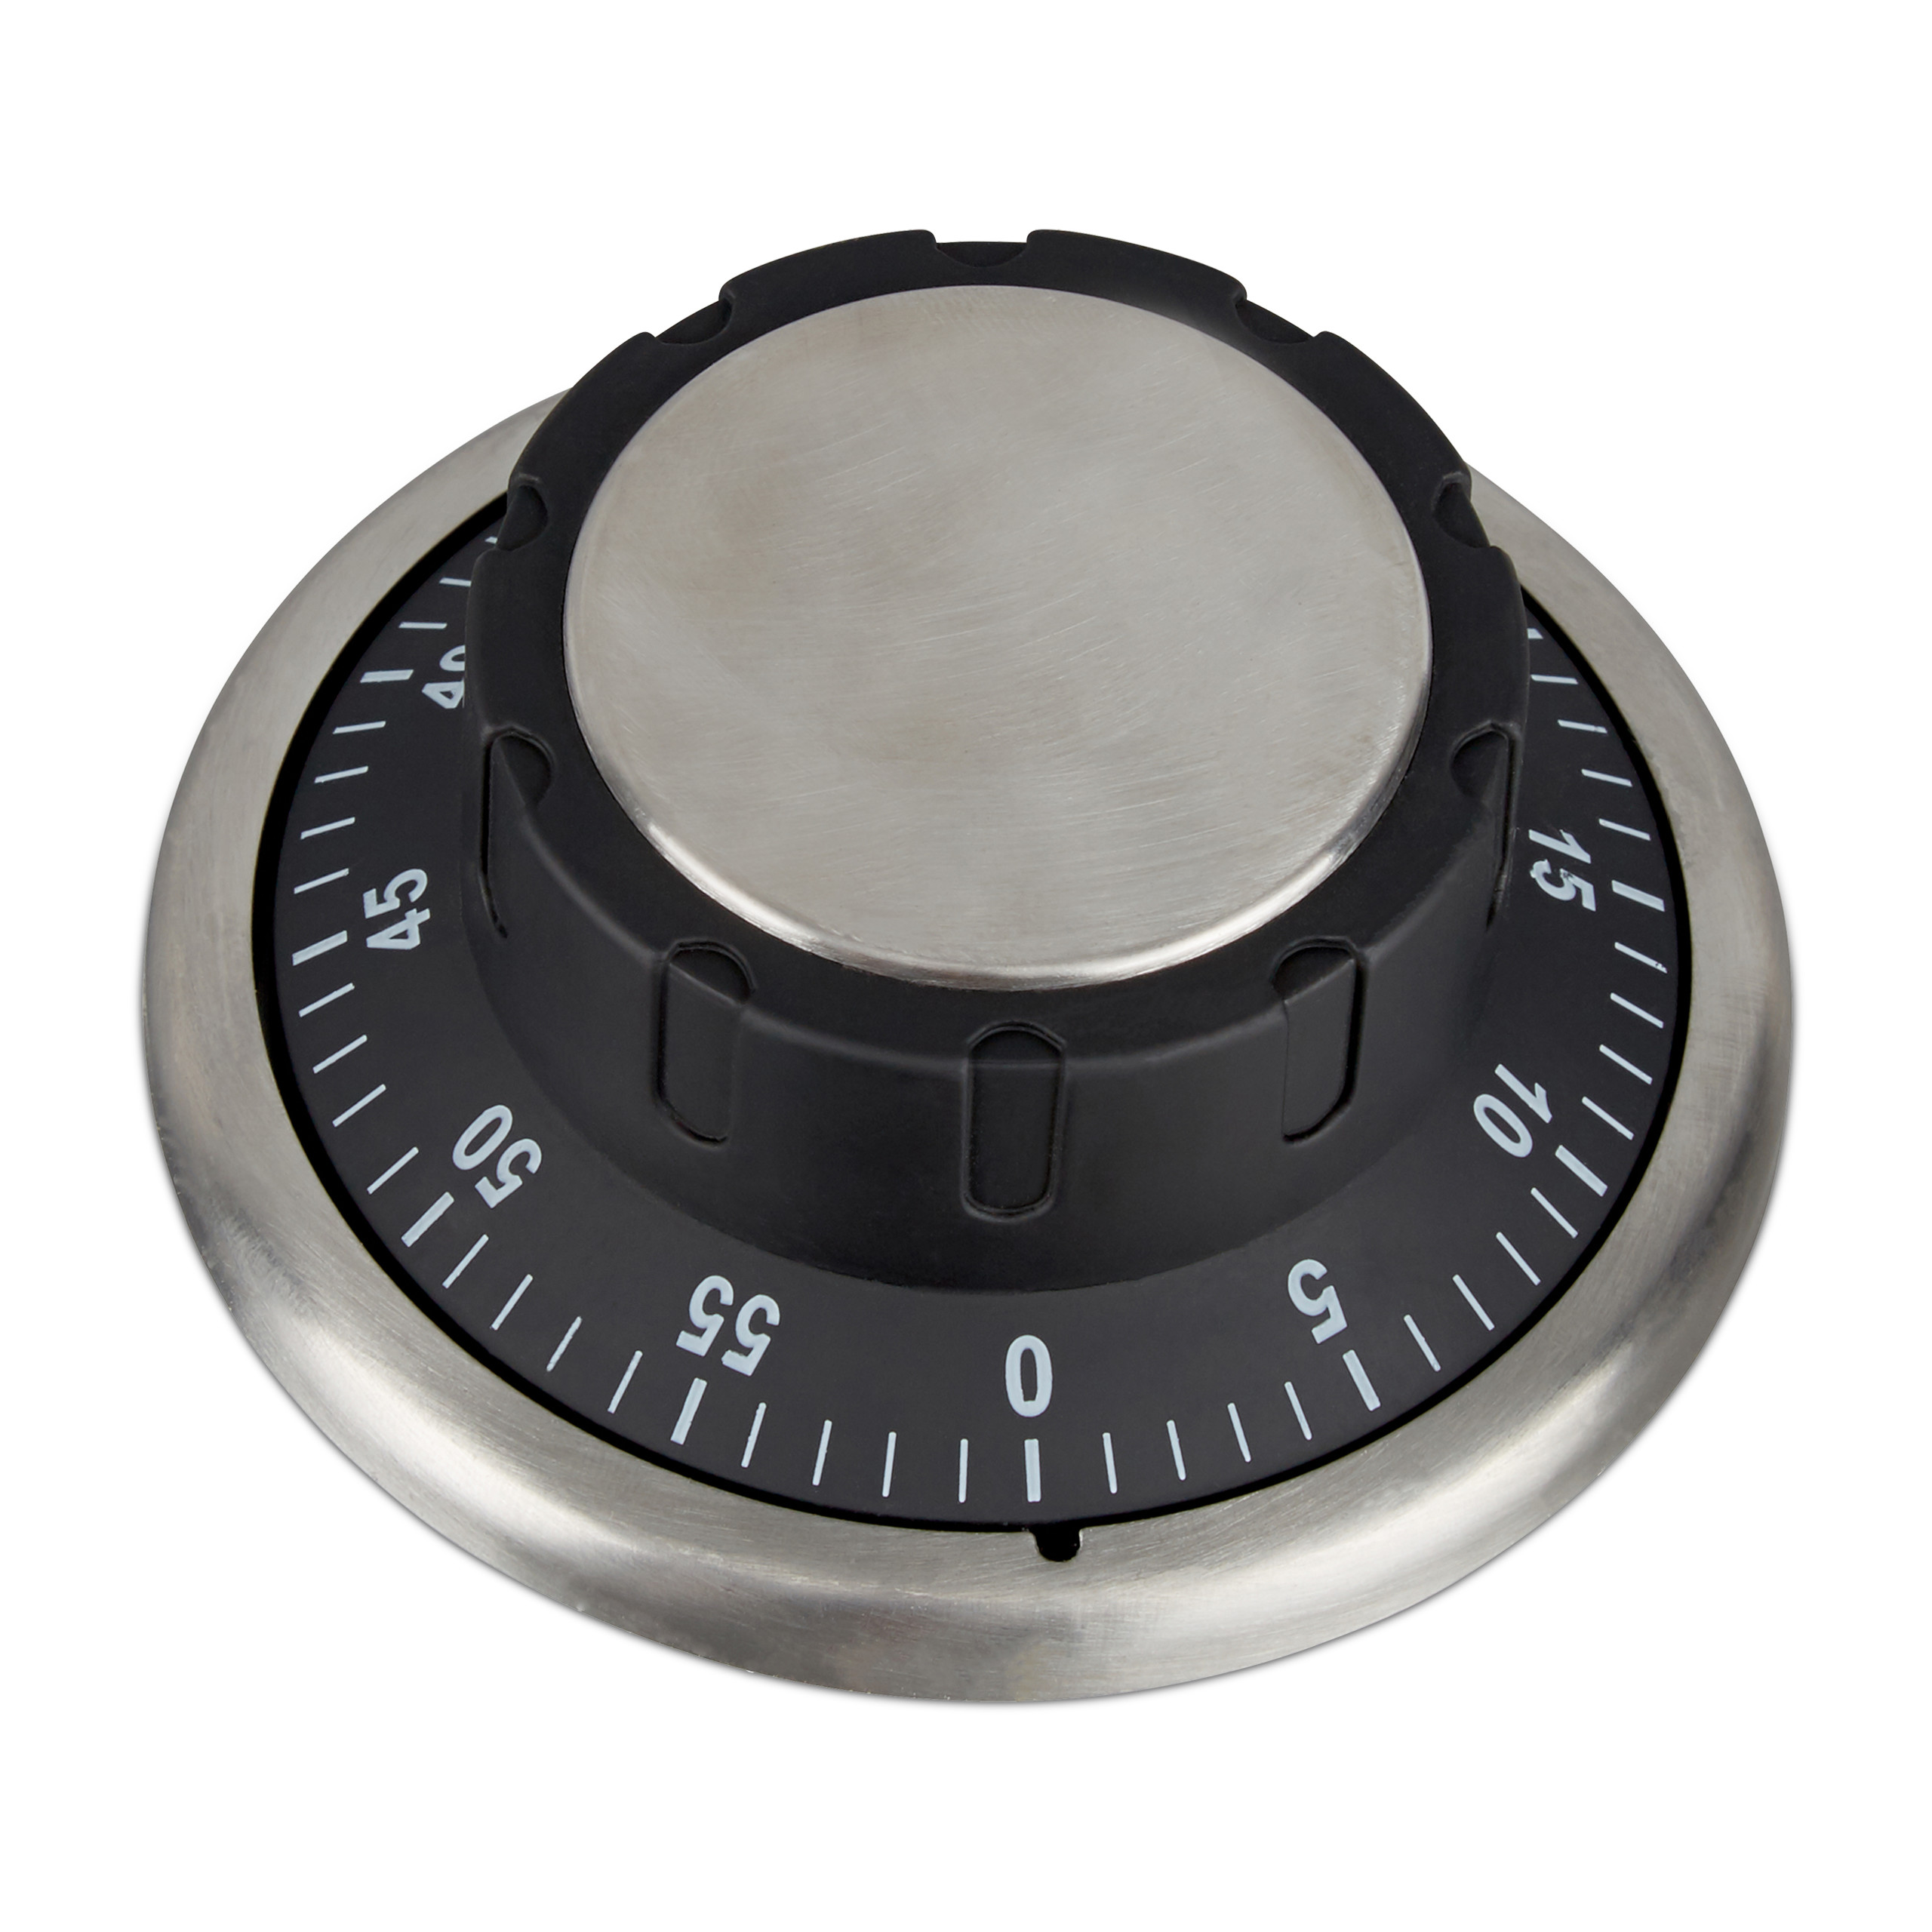 Dettagli su Timer da Cucina Magnetico Manopola Cassaforte Contaminuti Suono  Nitido